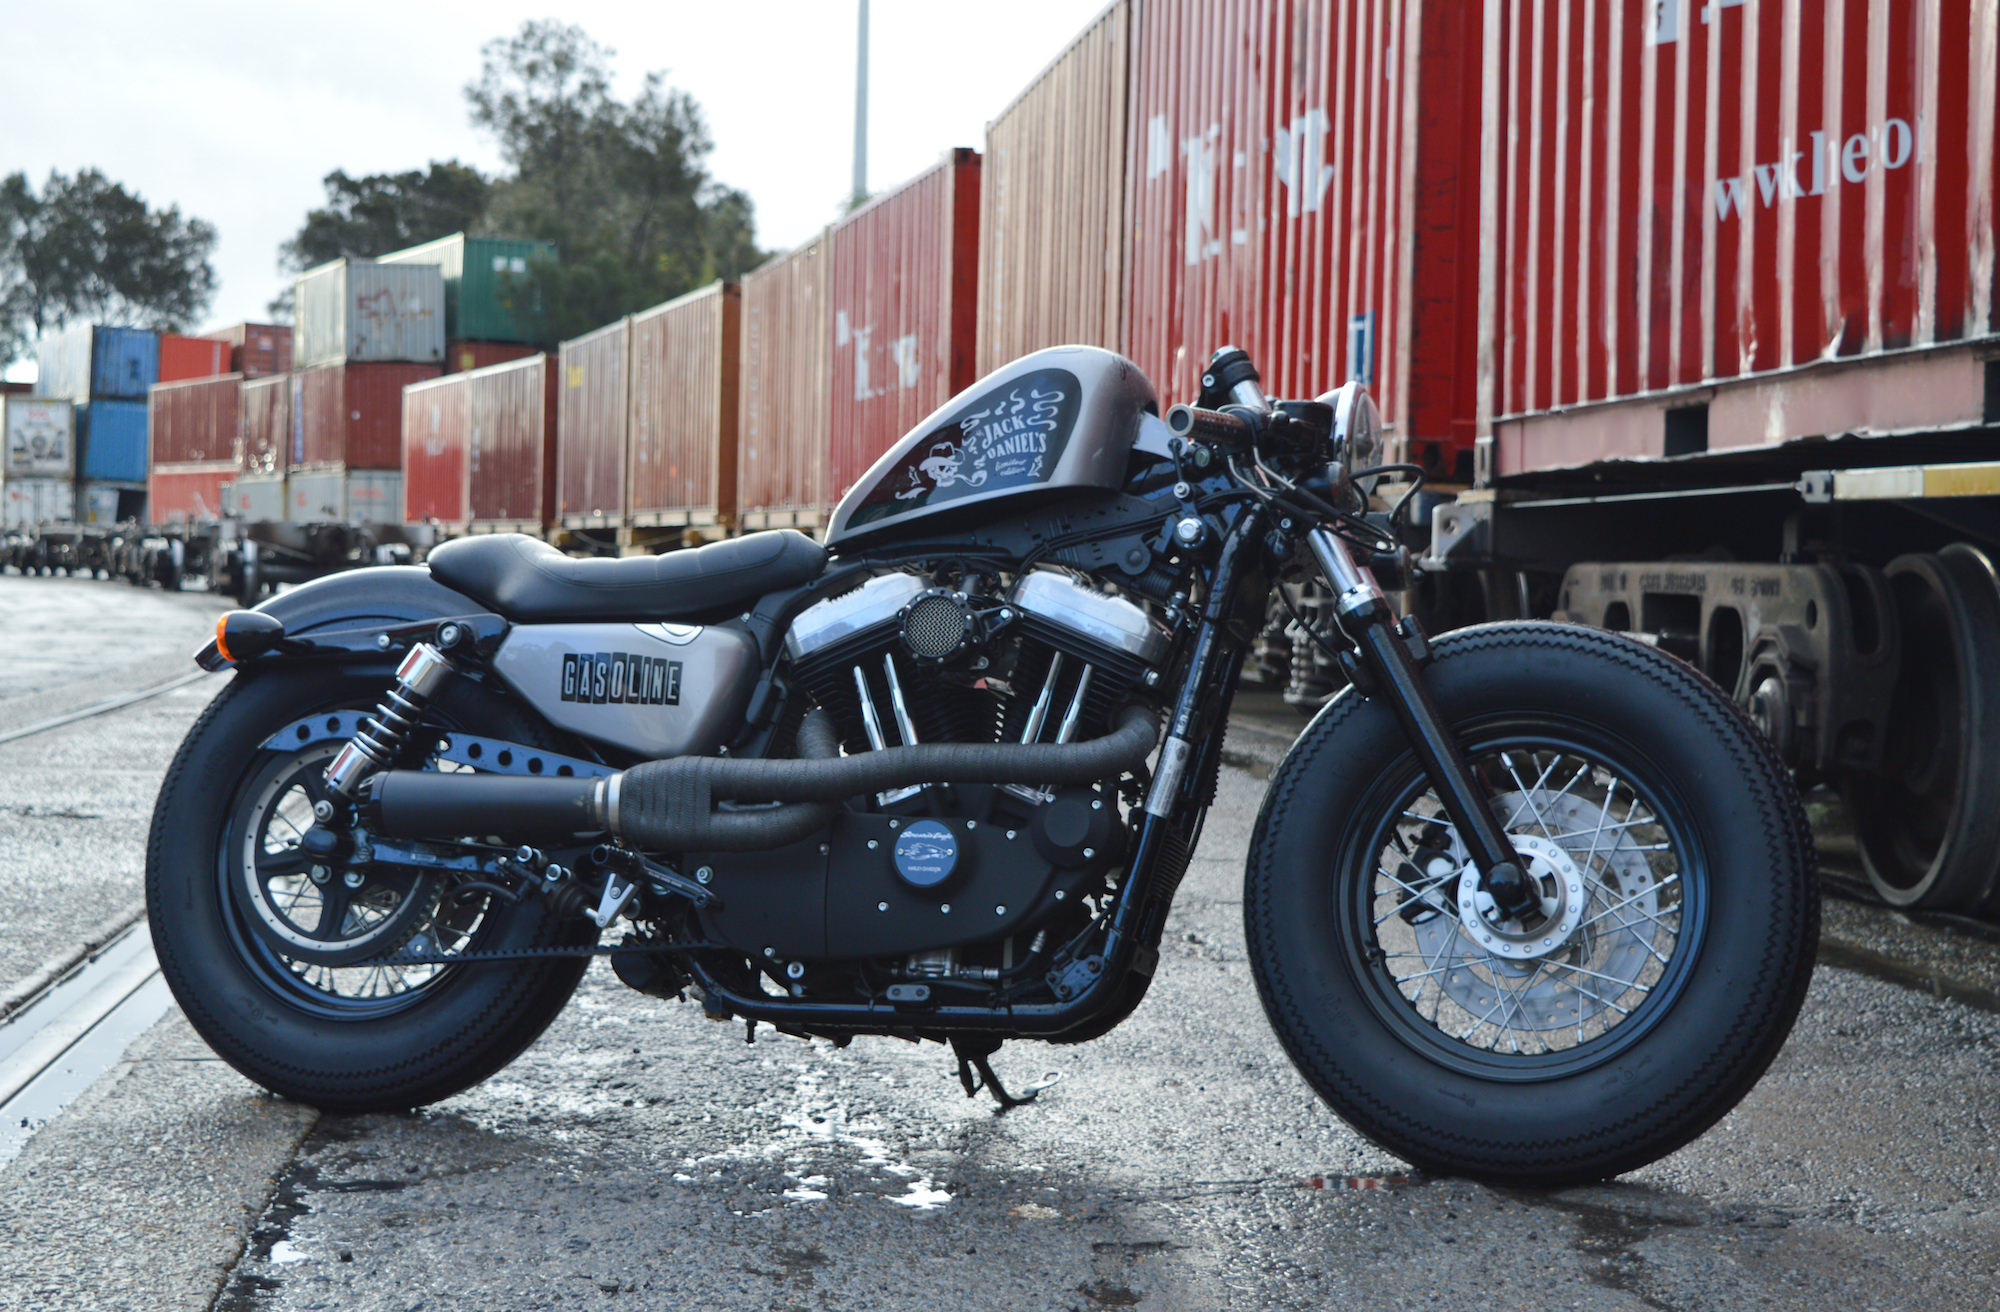 Harley dating in Sydney